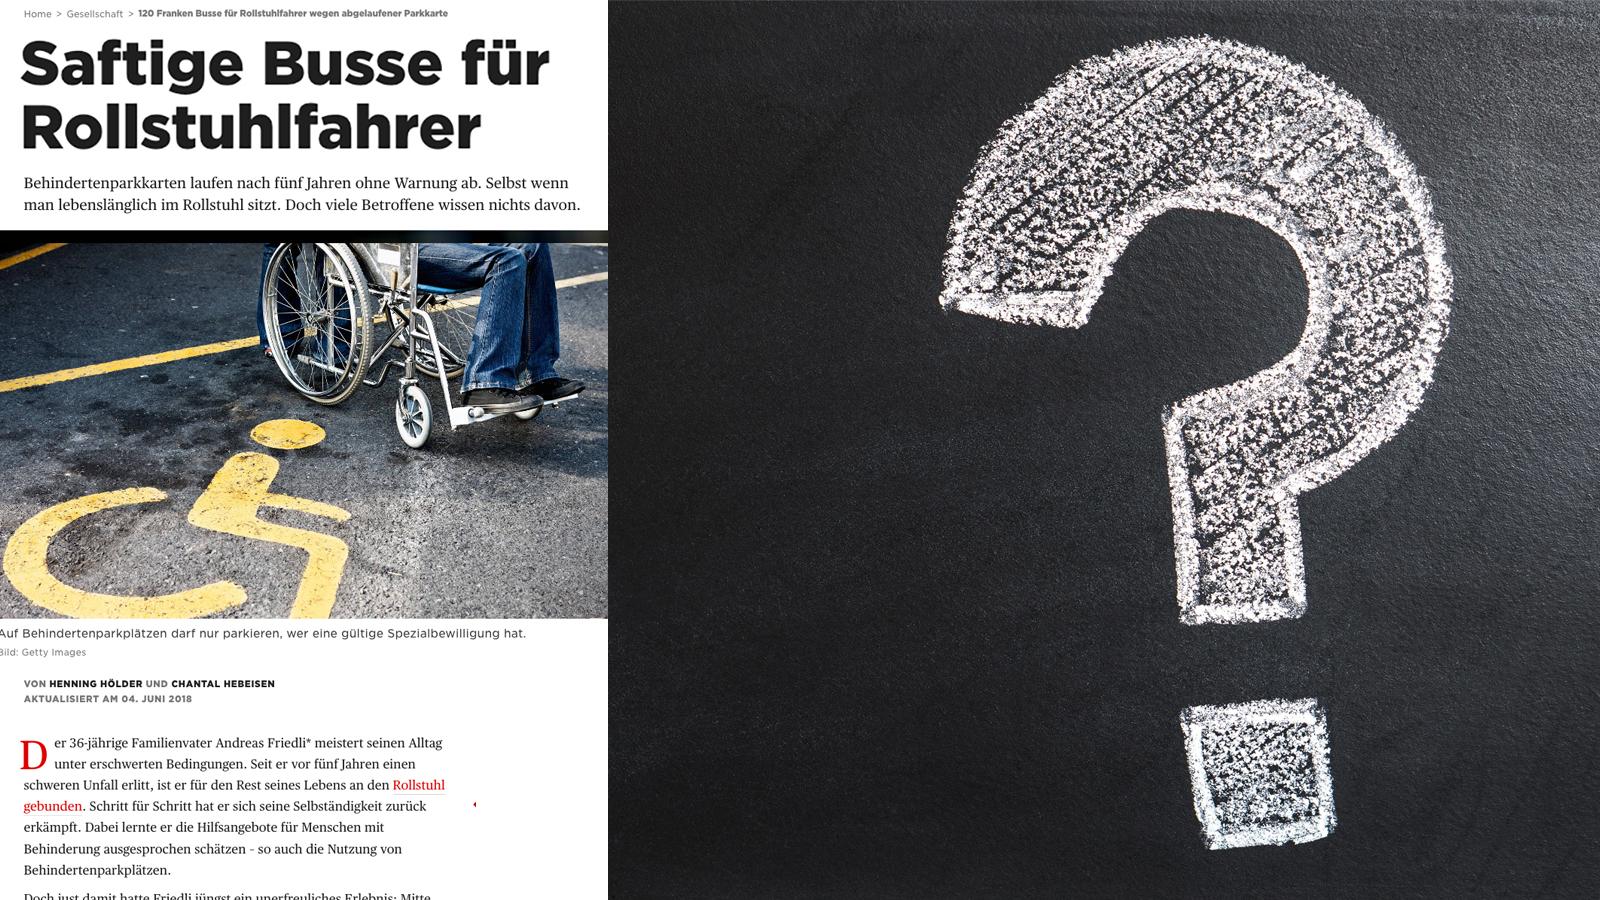 Überschrift: Saftige Busse für Rollstuhlfahrer